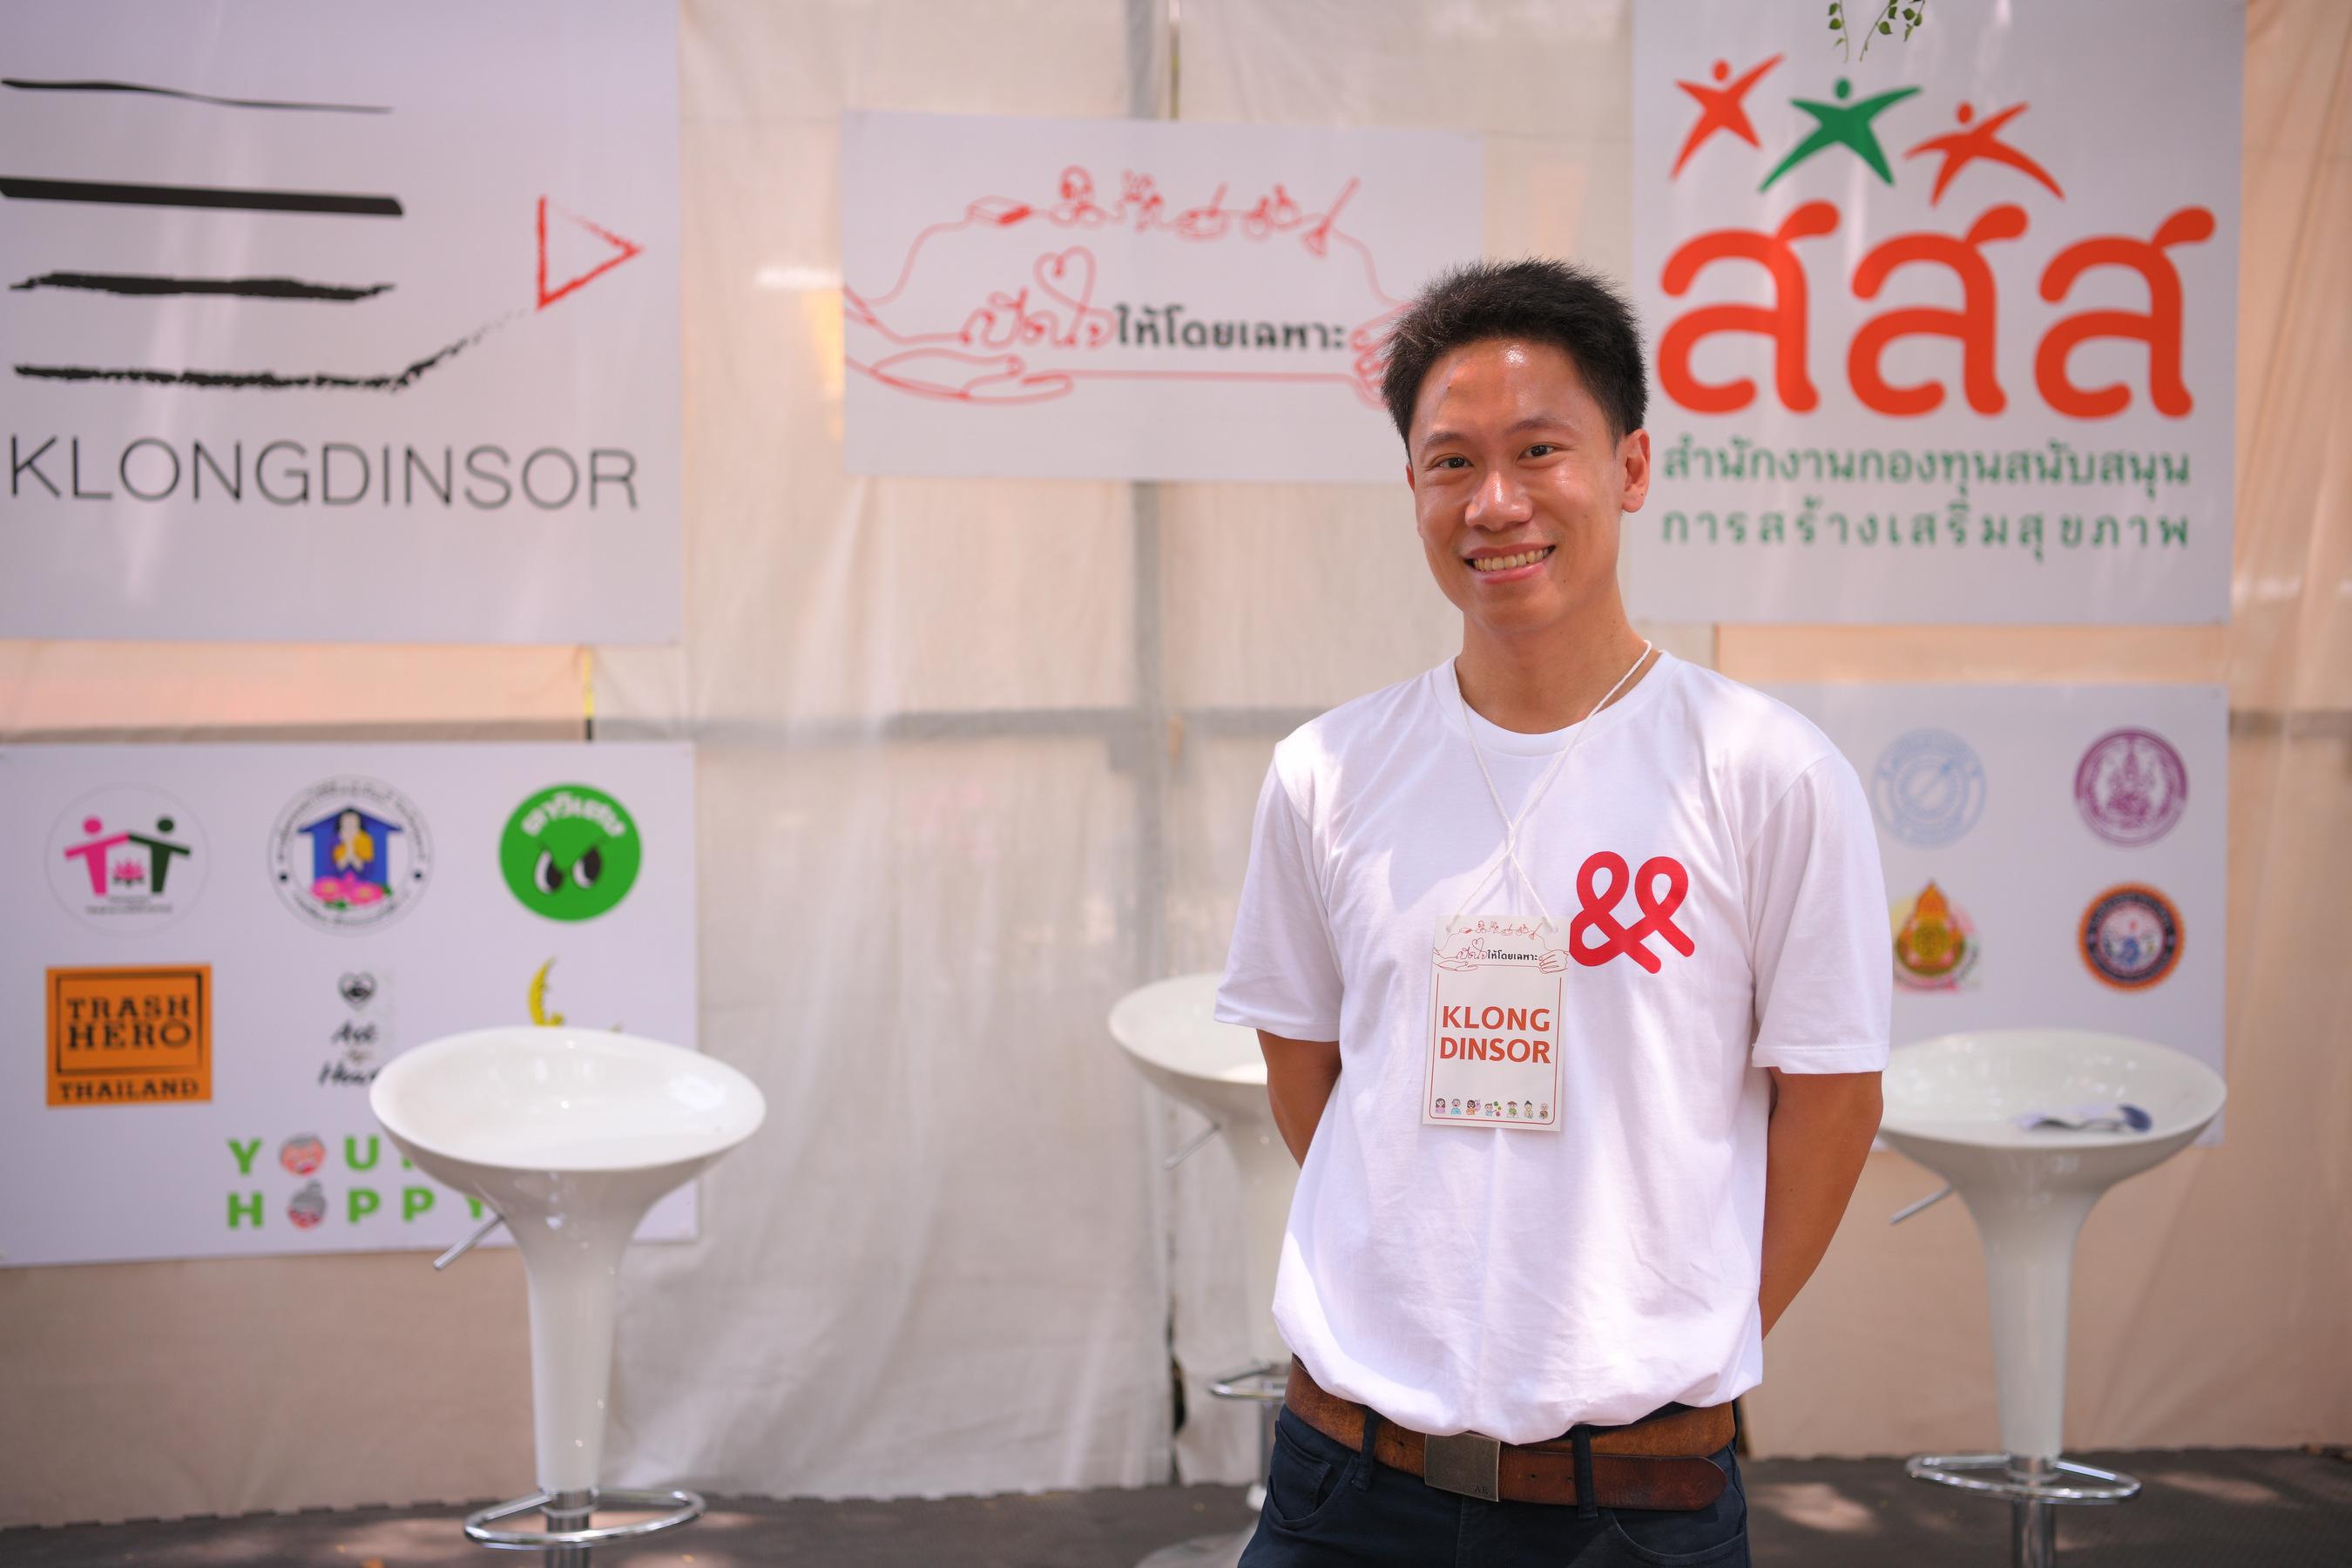 'เปิดใจ...ให้โดยเฉพาะ' เรียนรู้ เข้าใจ ประชากรกลุ่มเฉพาะ thaihealth